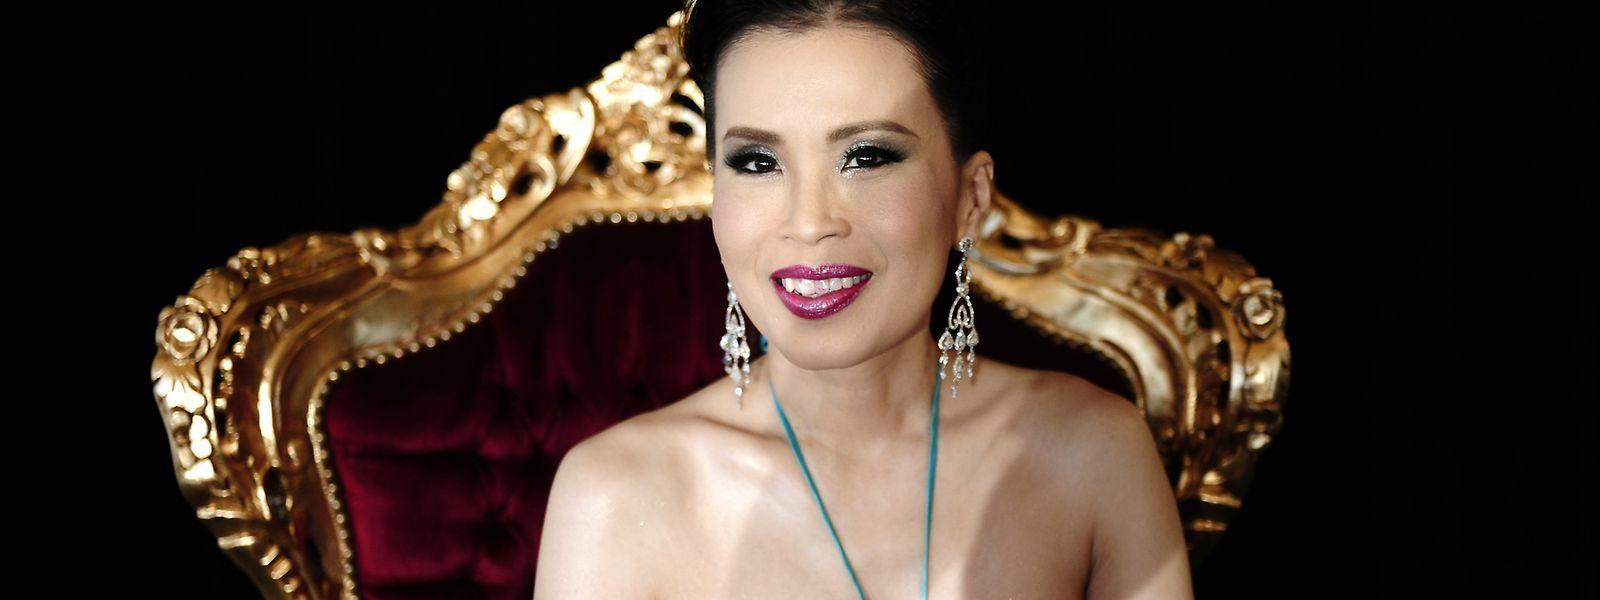 Prinzessin Ubolratana wurde von ihrem Bruder zurückgepfiffen.